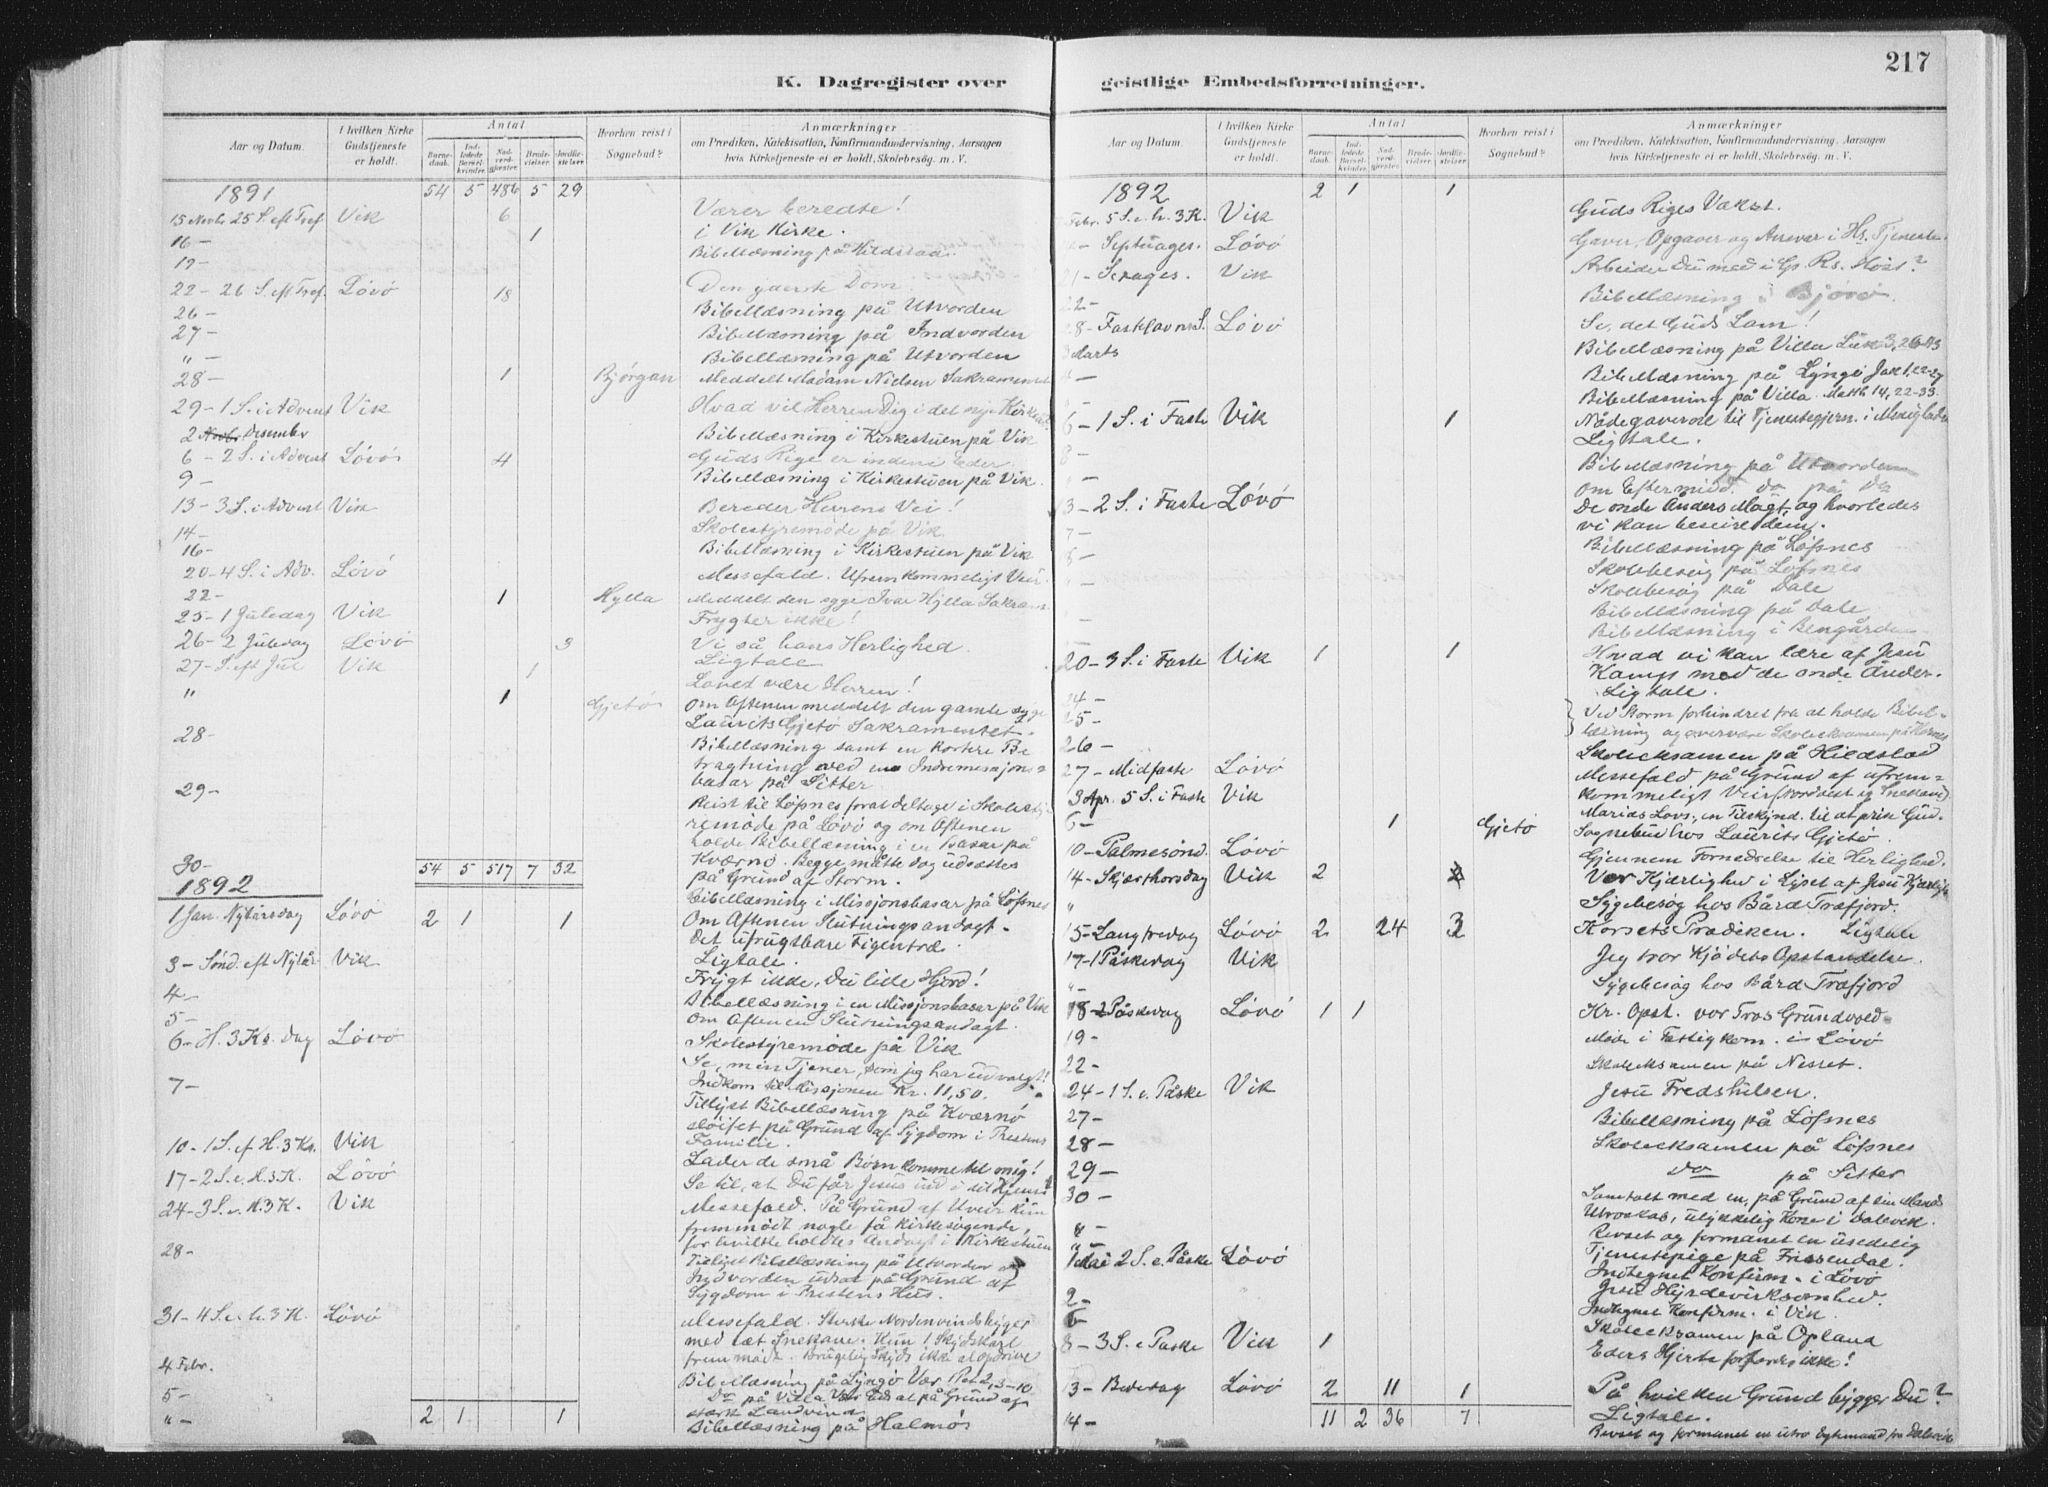 SAT, Ministerialprotokoller, klokkerbøker og fødselsregistre - Nord-Trøndelag, 771/L0597: Ministerialbok nr. 771A04, 1885-1910, s. 217